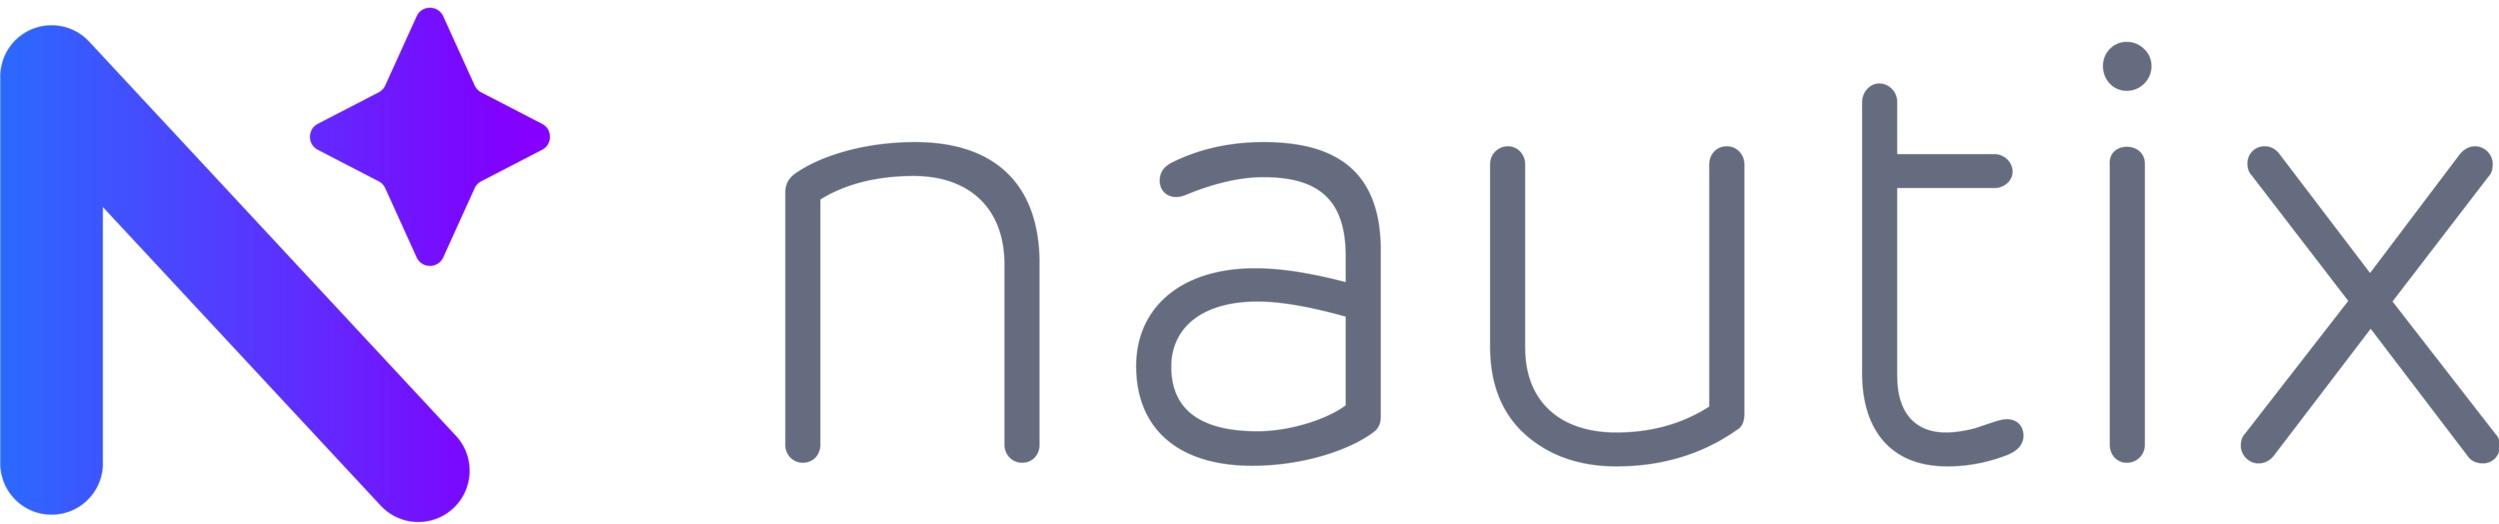 Nautix_Logo_Full-color_on-lightgrey_1500.jpg